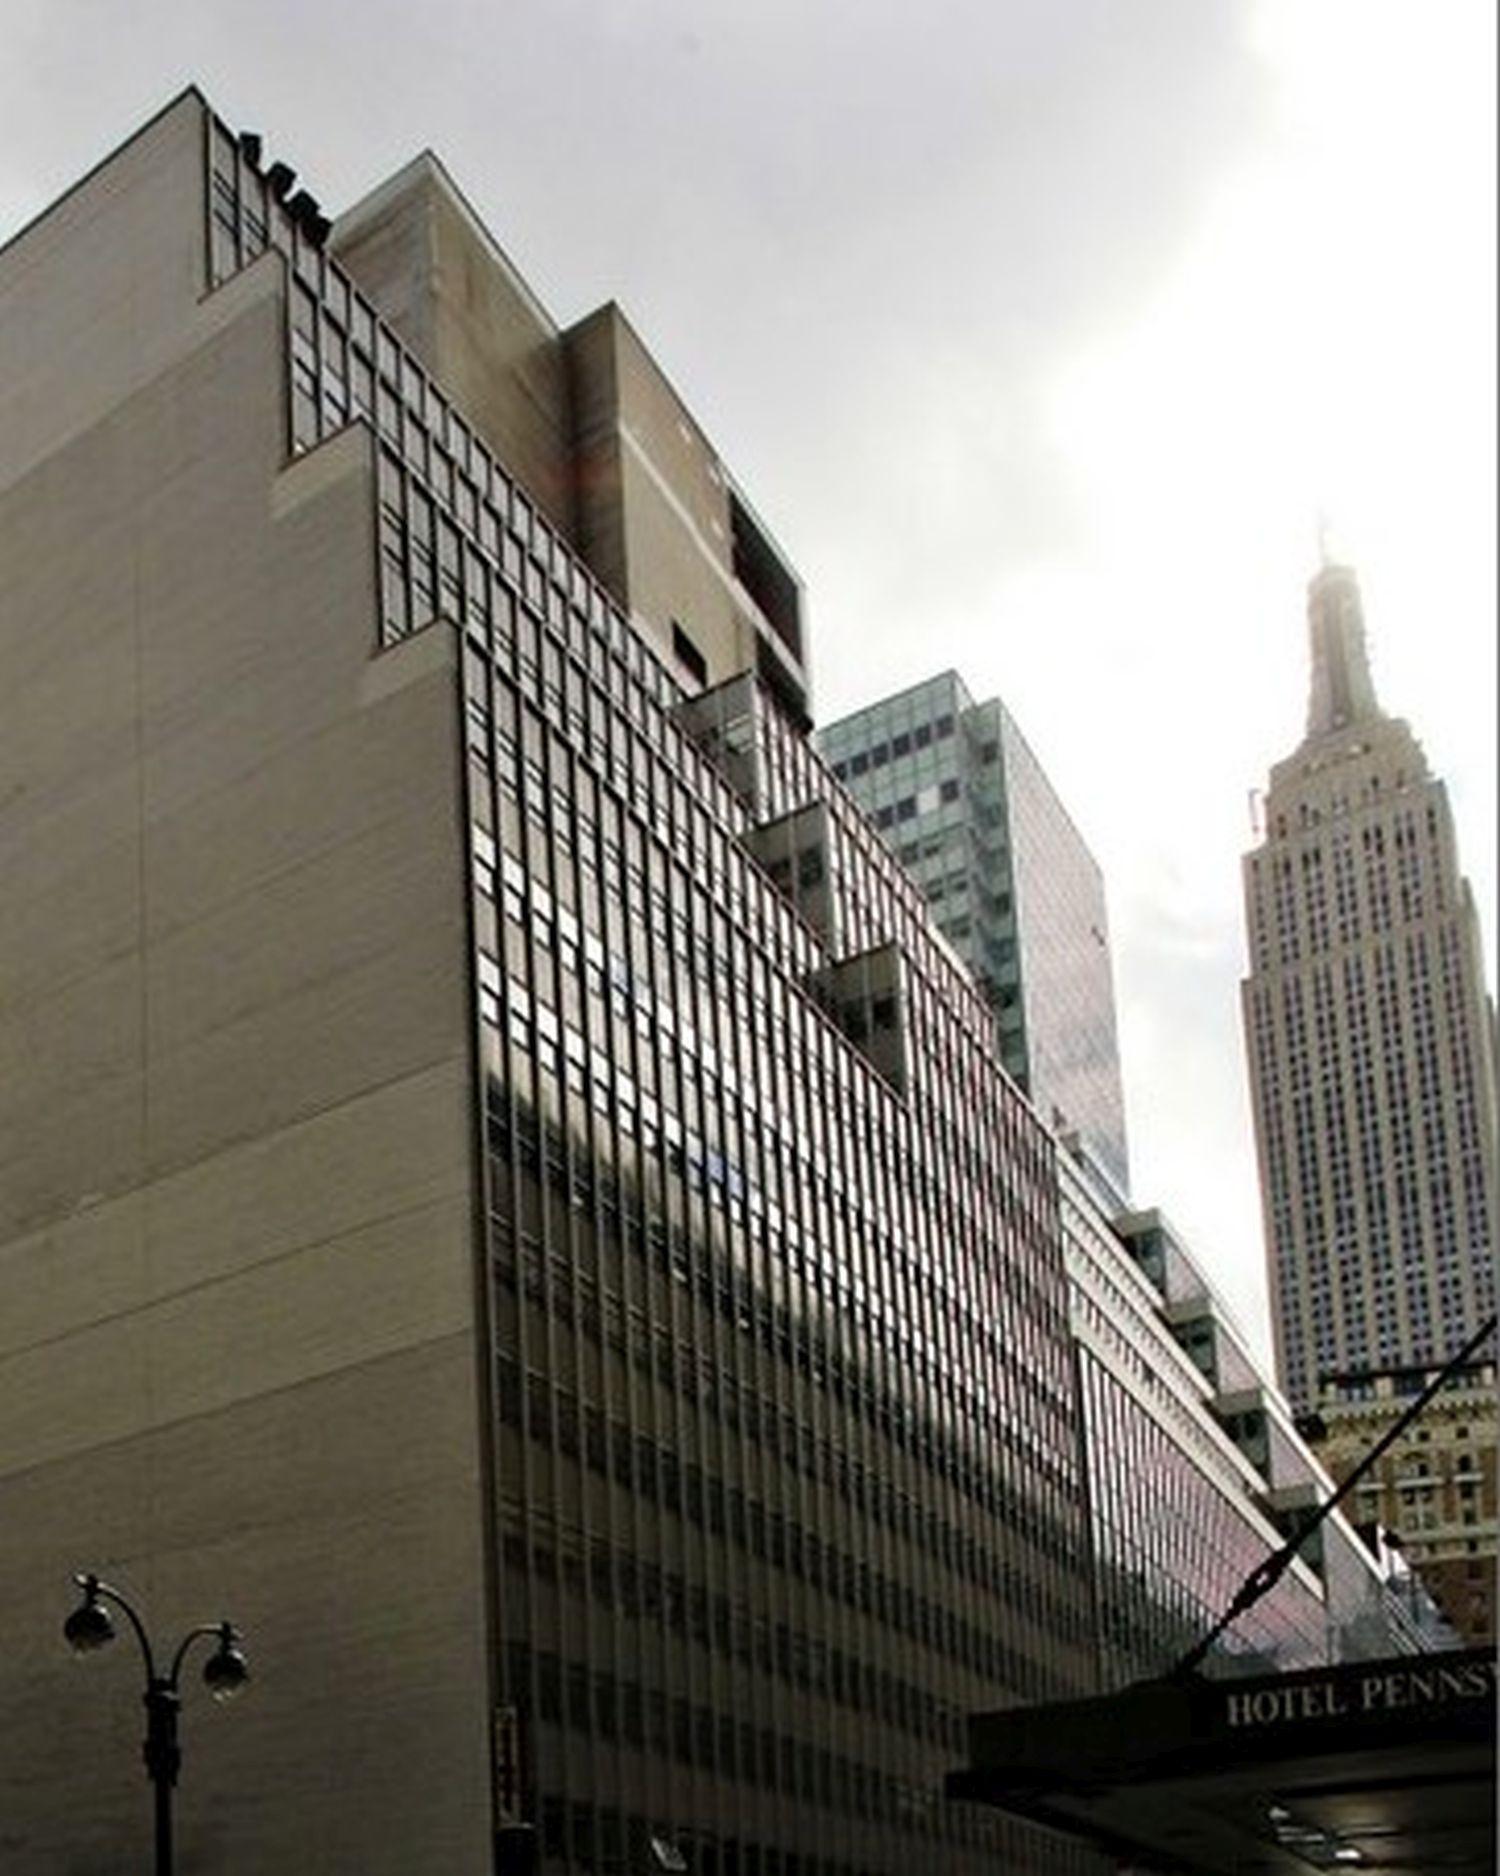 W 33rd St, NY, NY, 7th Ave, Class B Office, Penn Station